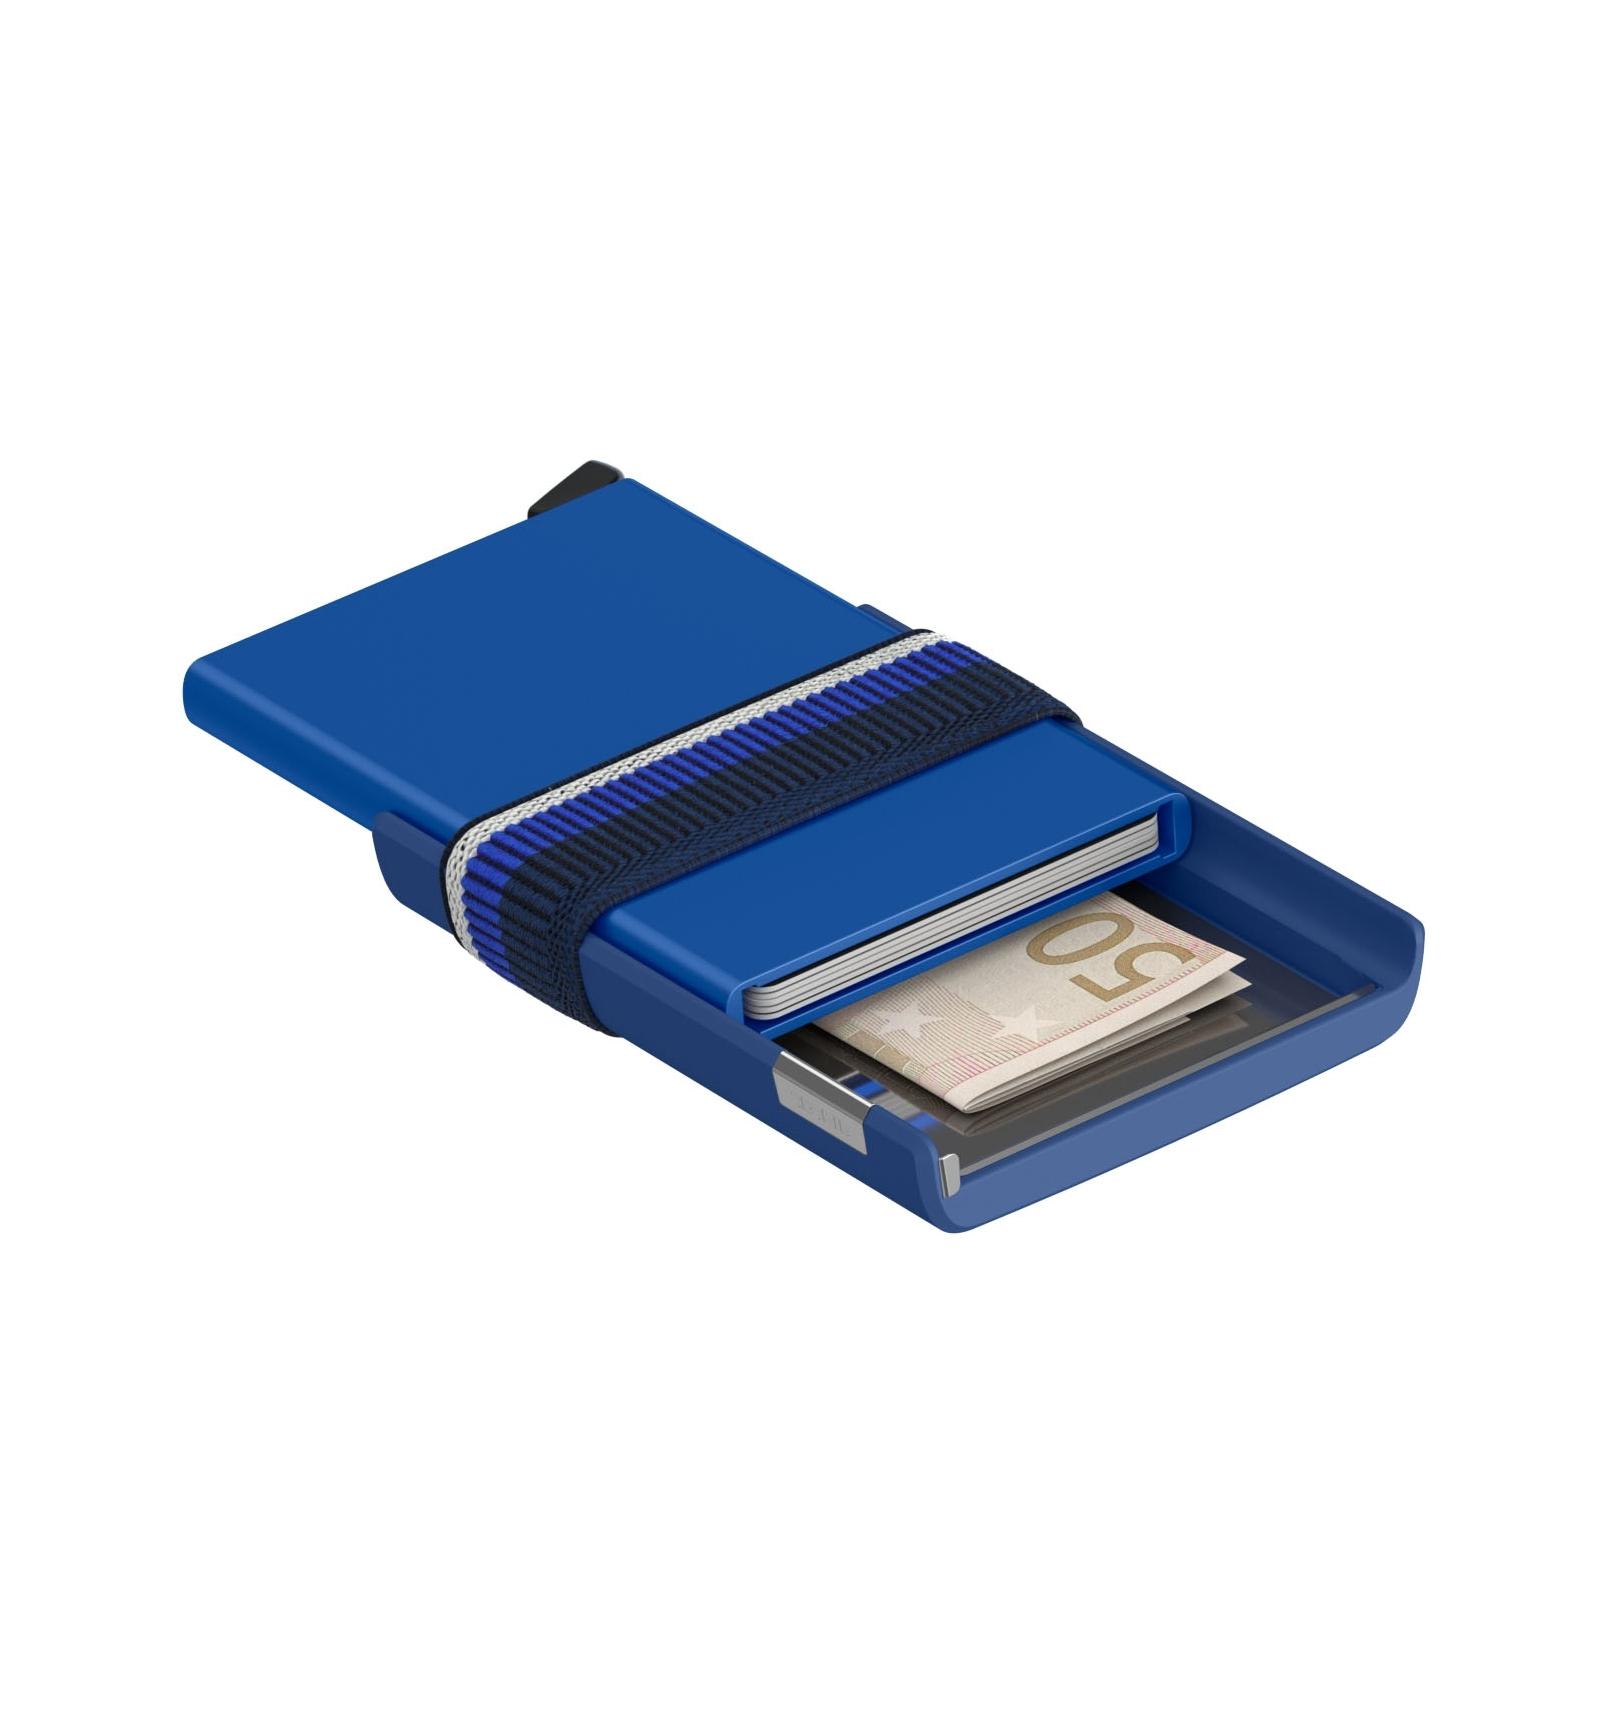 https://osez-sophie.com/4463-thickbox_default/ile-de-re-porte-carte-cardslide-secrid-aluminium-bleu.jpg